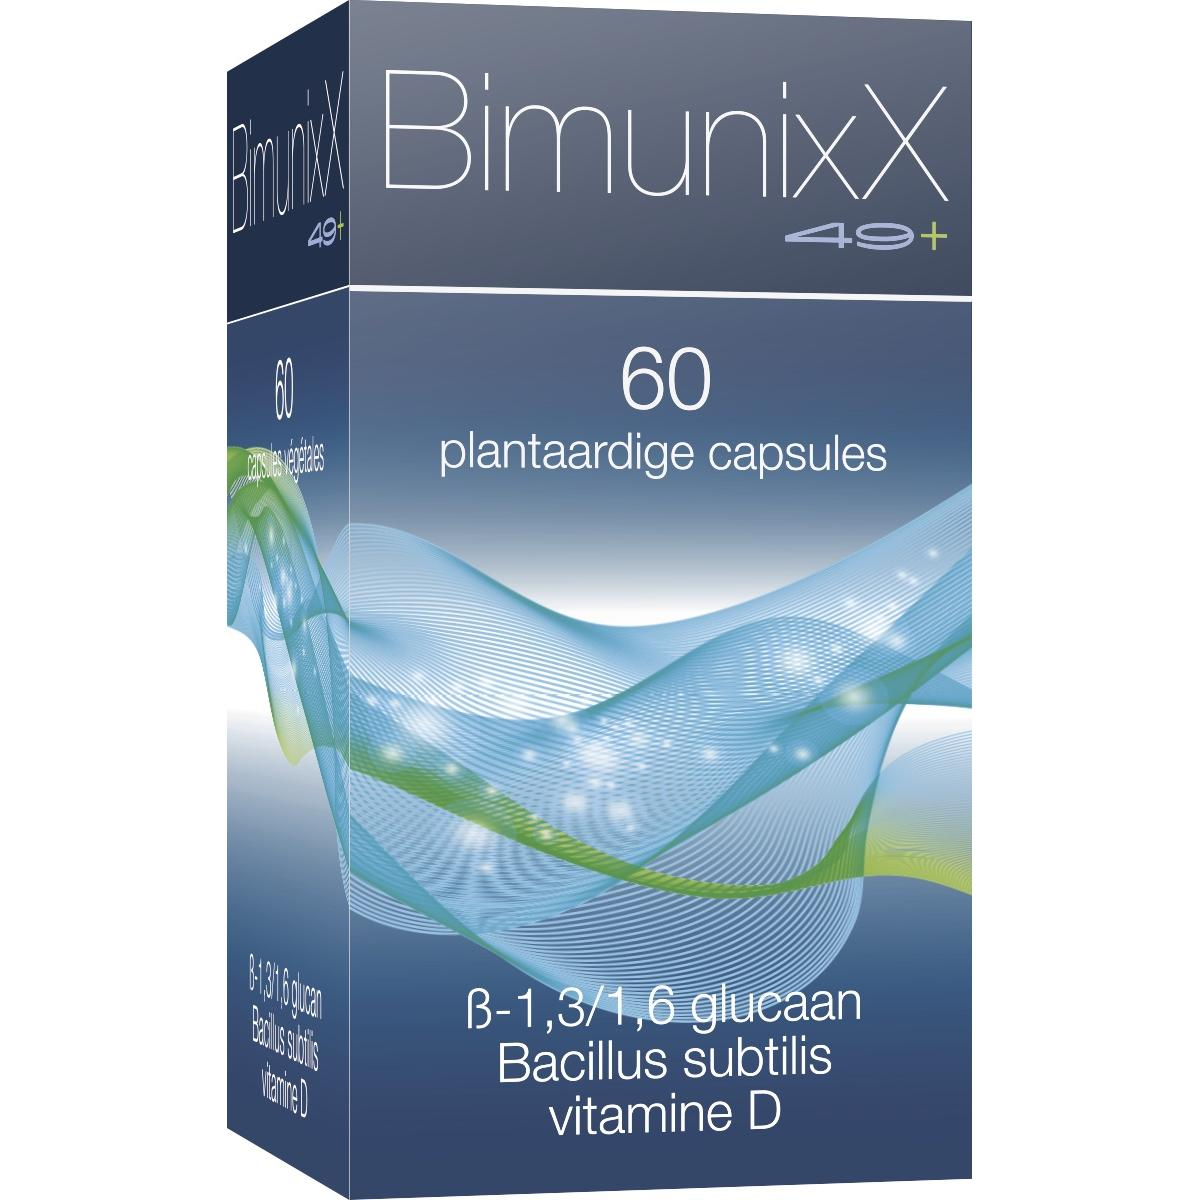 Bimunixx 49+